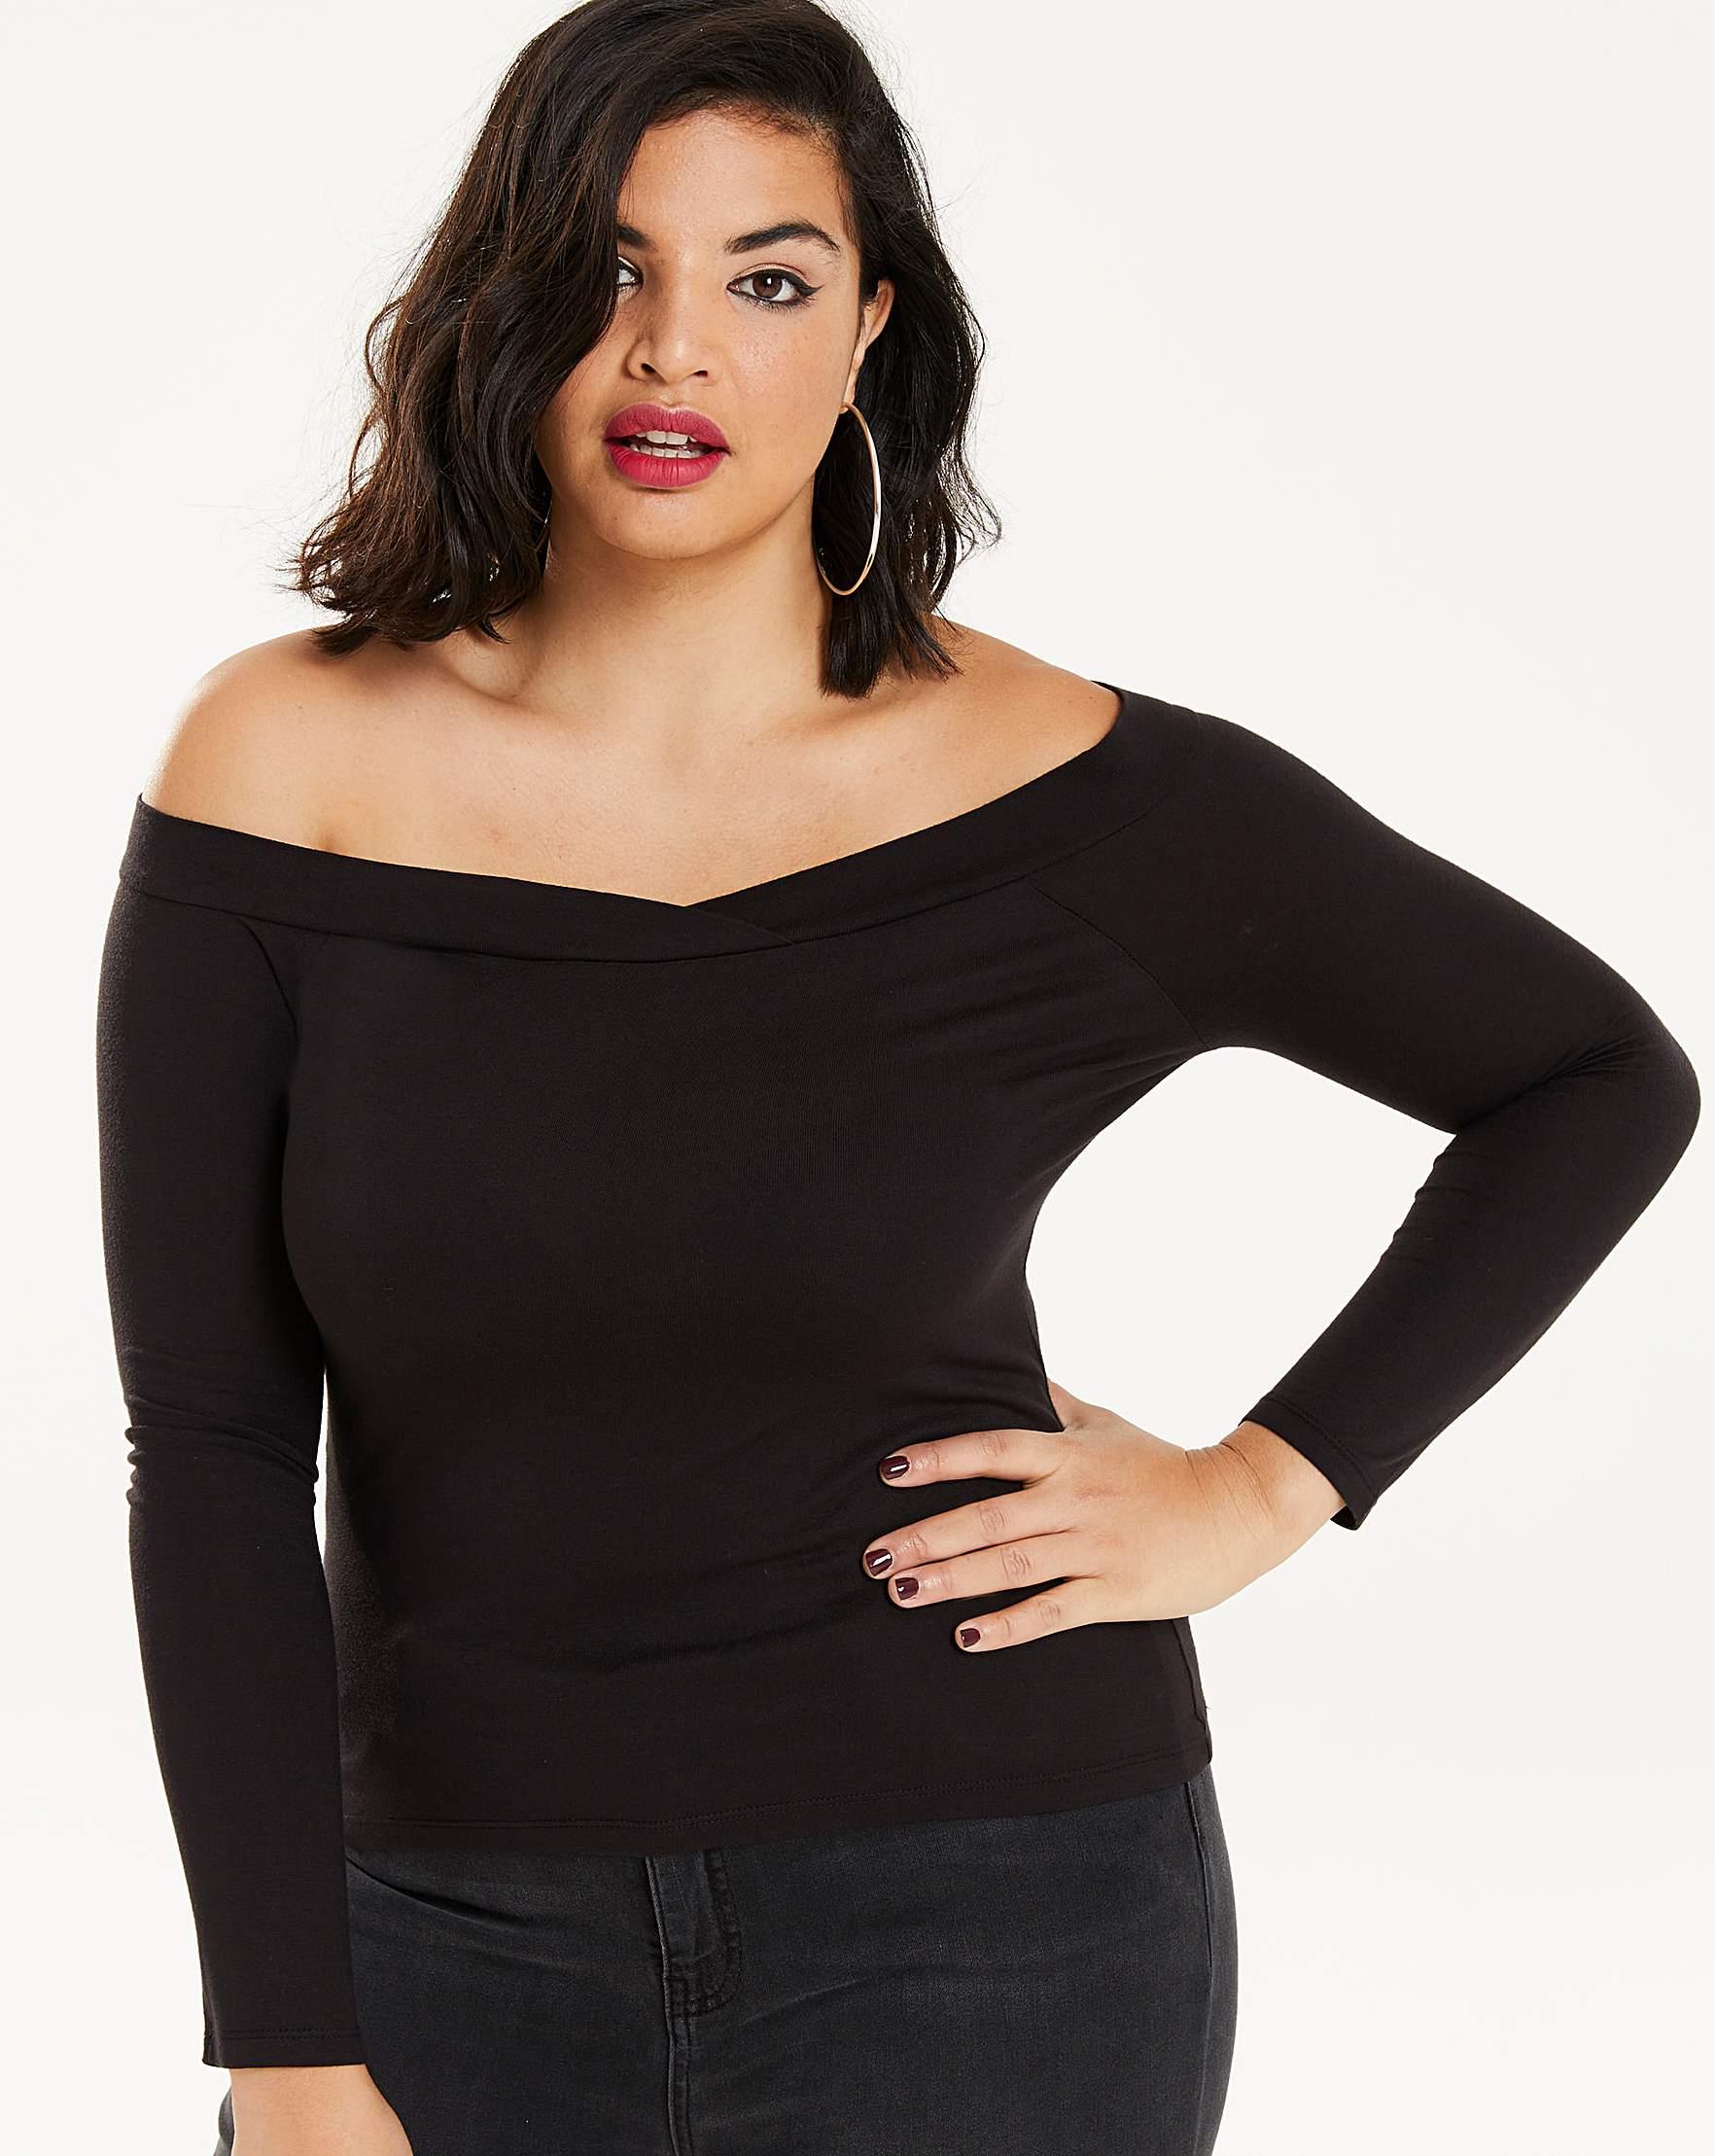 353bc269472 Black Long Sleeve Bardot Top | Simply Be